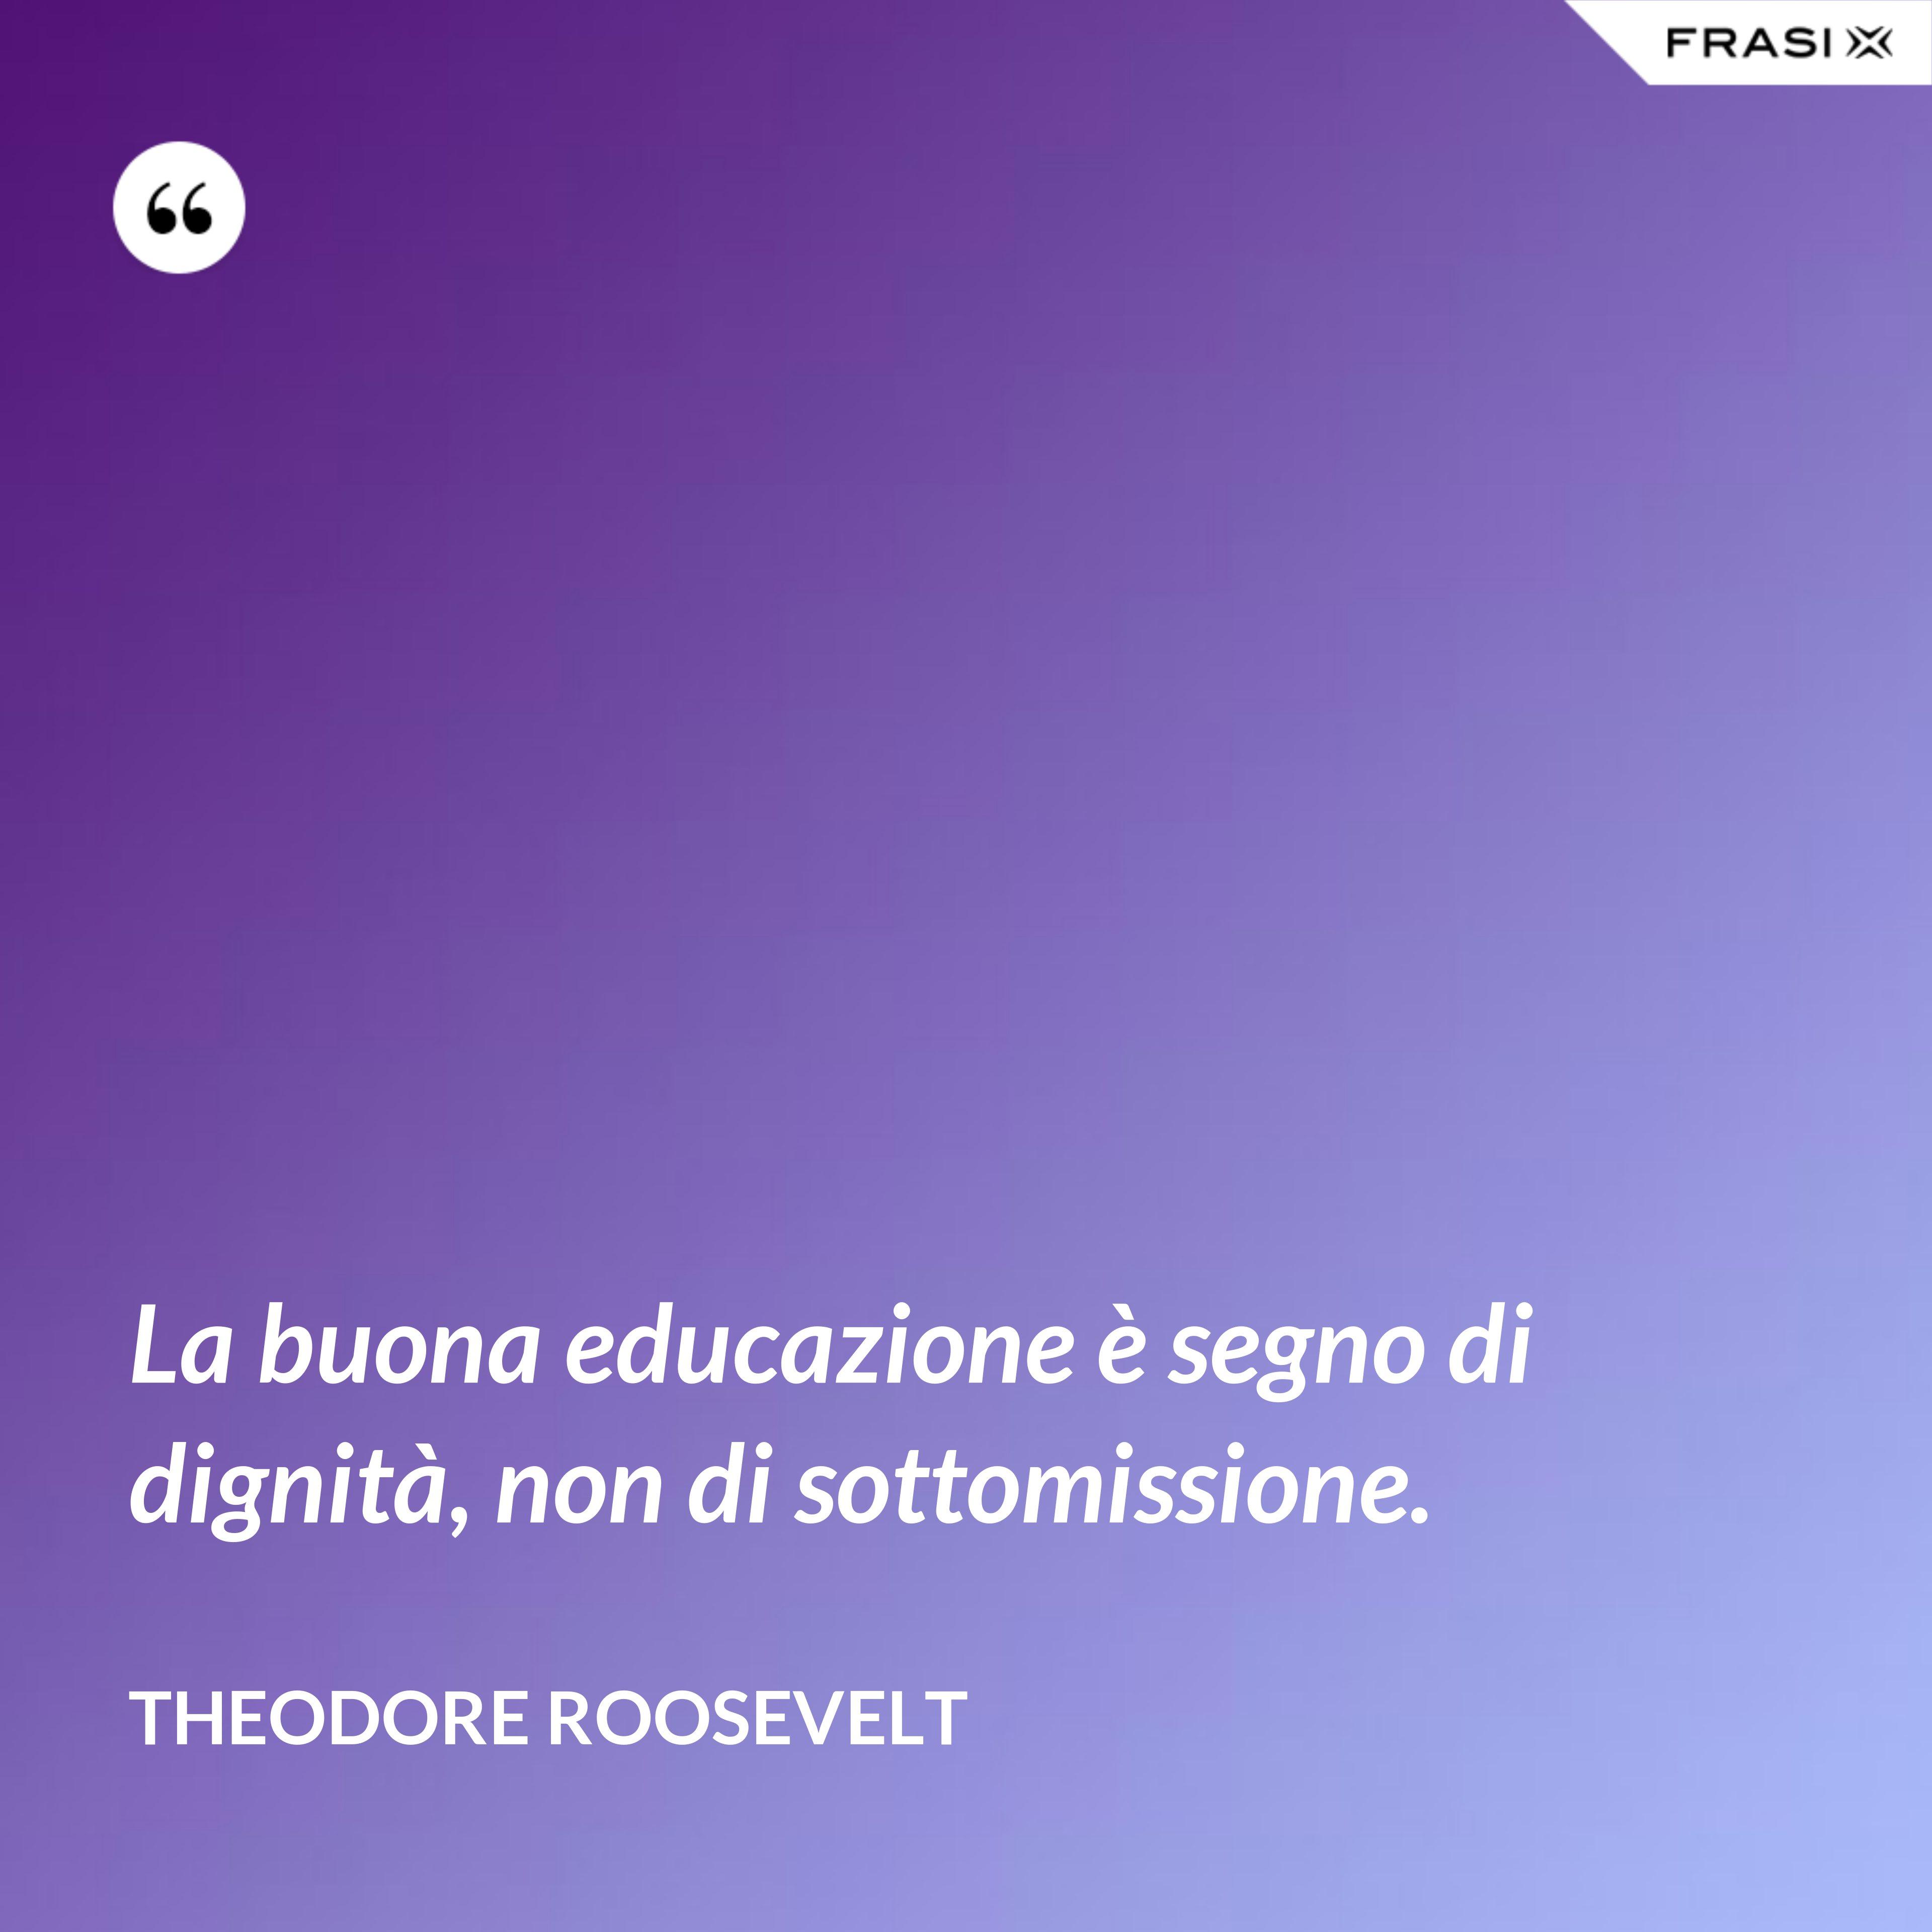 La buona educazione è segno di dignità, non di sottomissione. - Theodore Roosevelt